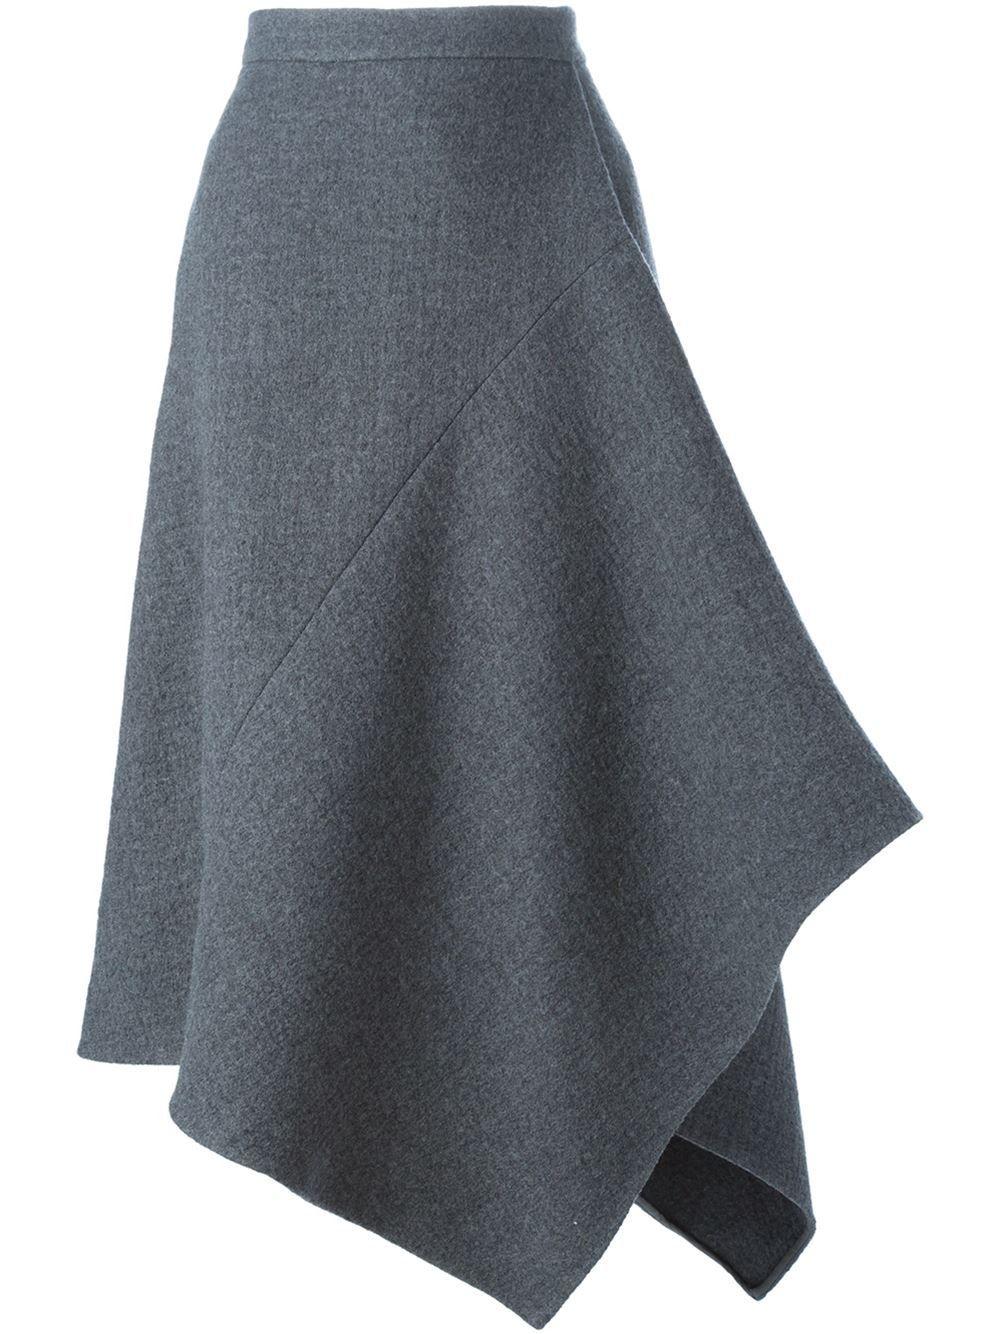 Ассиметричная юбка с выкройкой фото 425